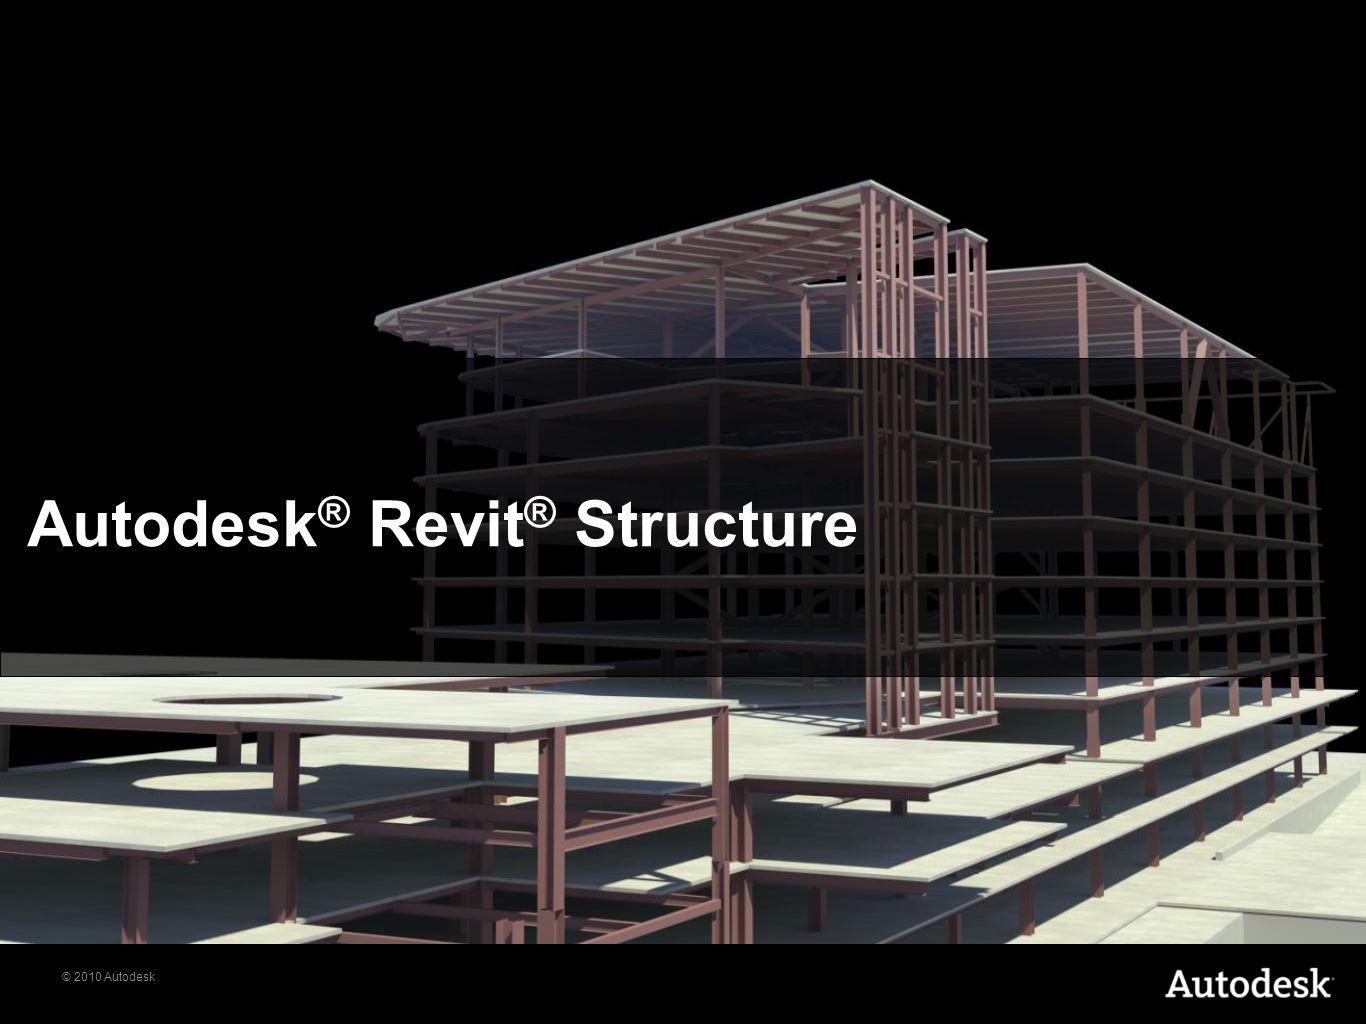 © 2010 Autodesk Autodesk ® Revit ® Structure